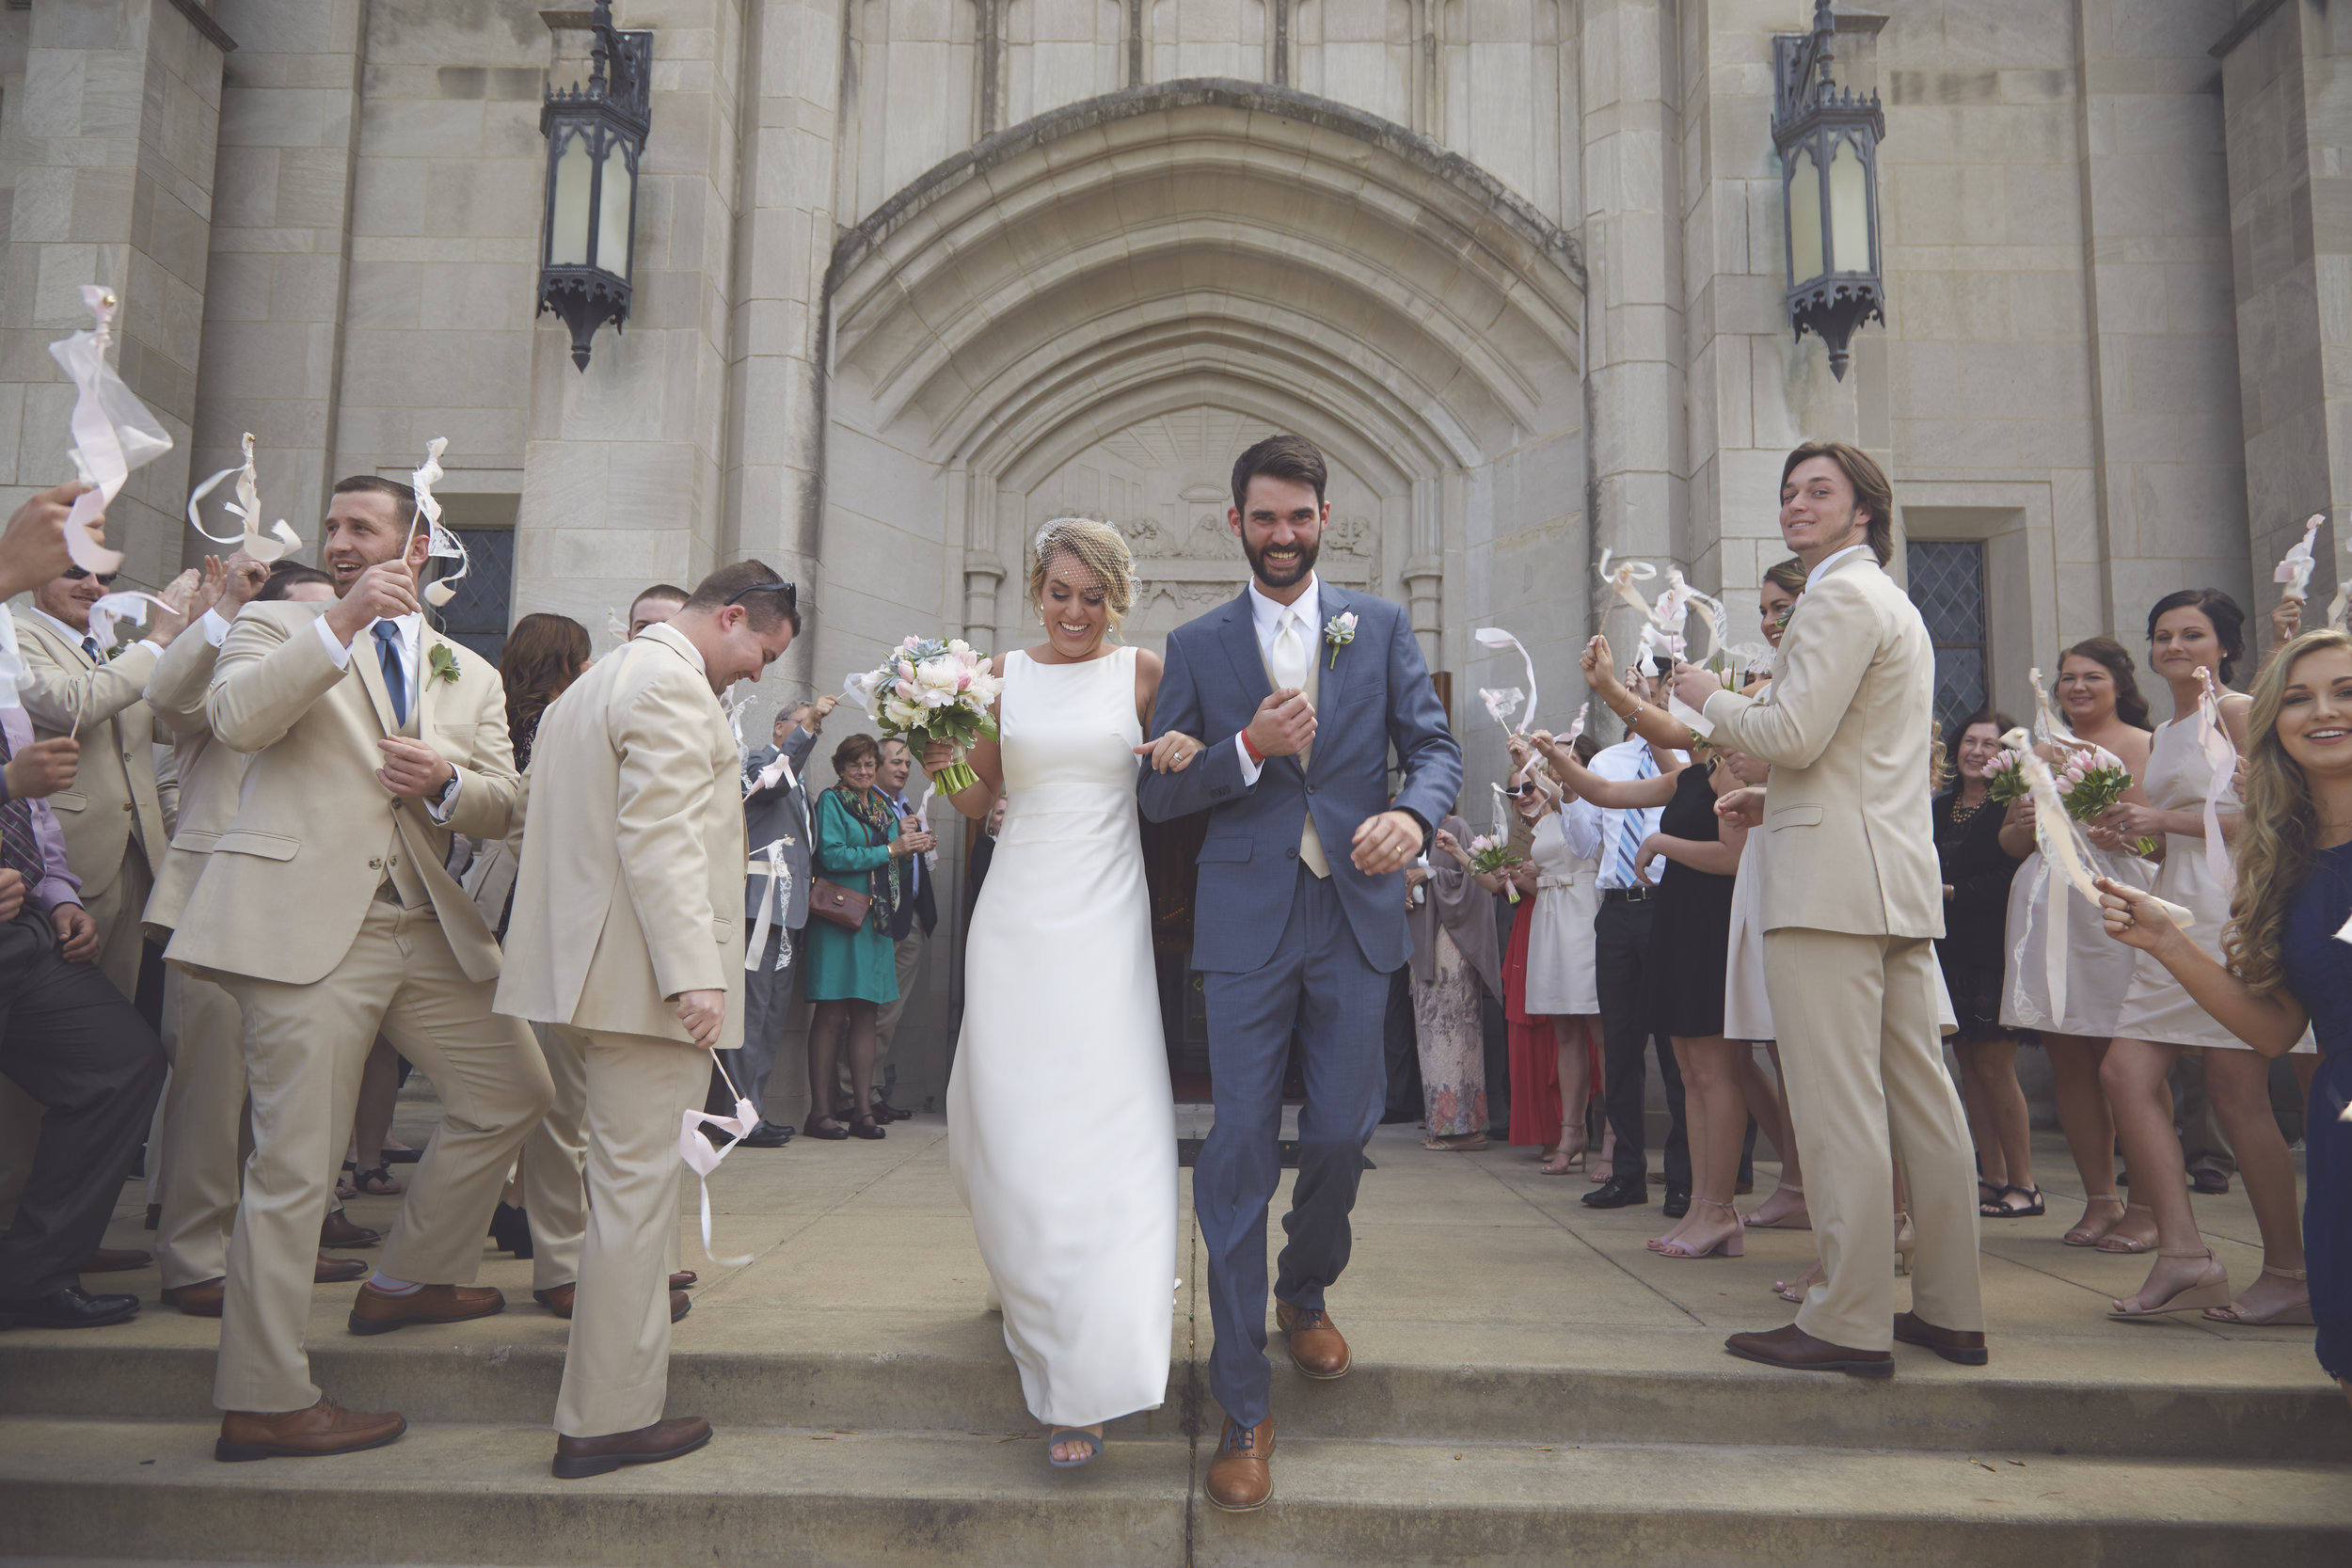 wedding ceremony exit Illinois church